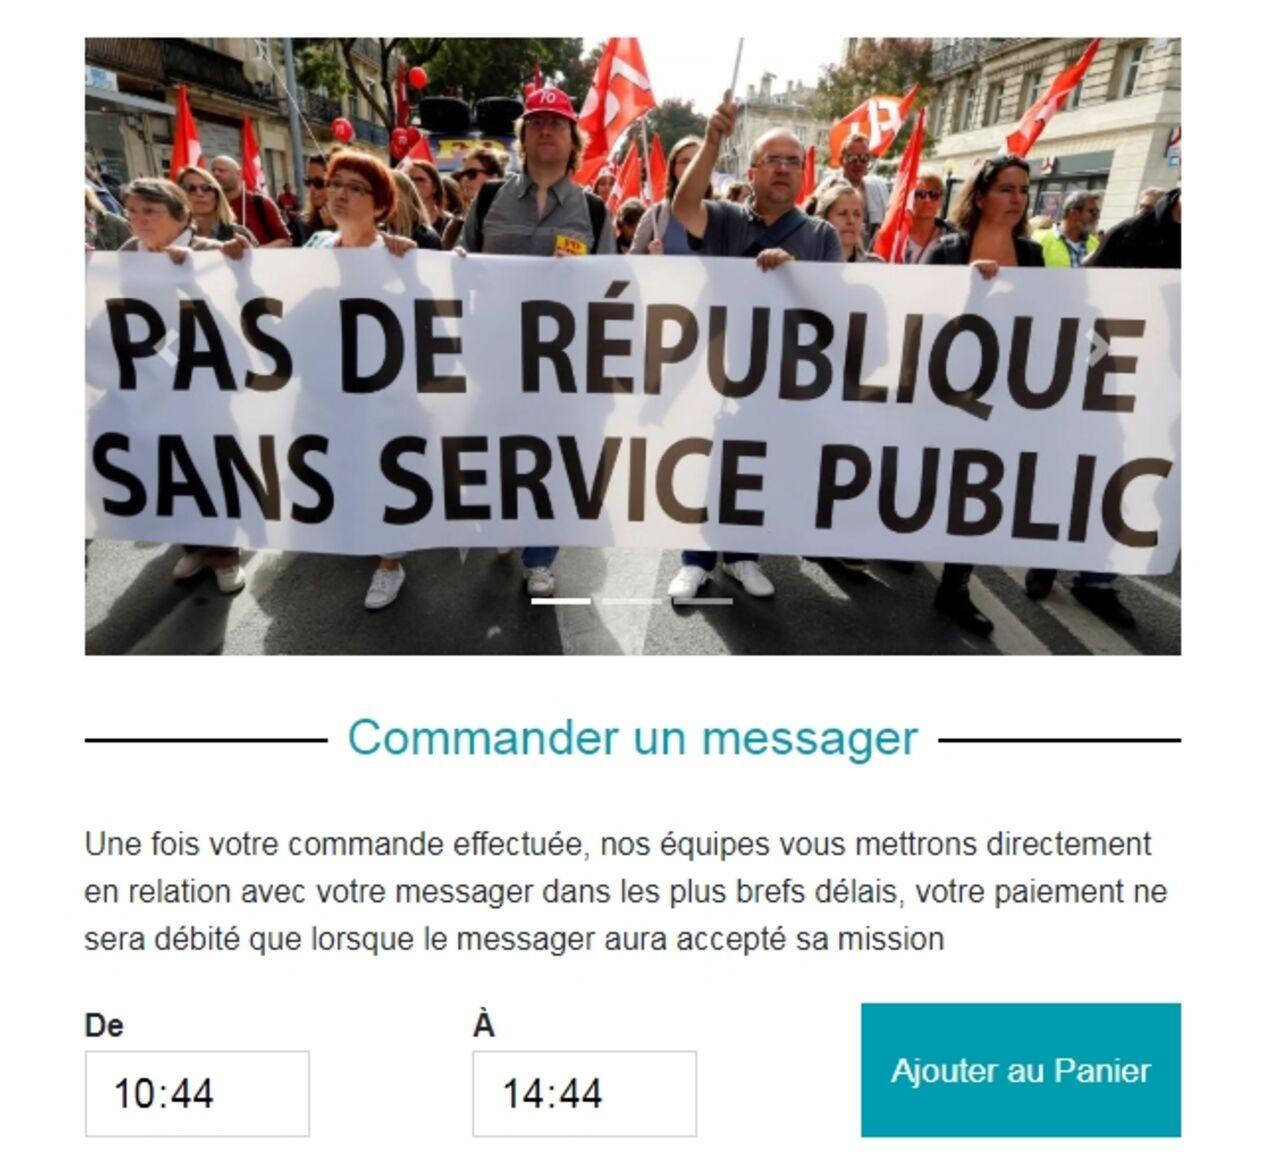 Voici comment louer les services d'une personne pour la manifestation des fonctionnaires le 9 mai./Wistand